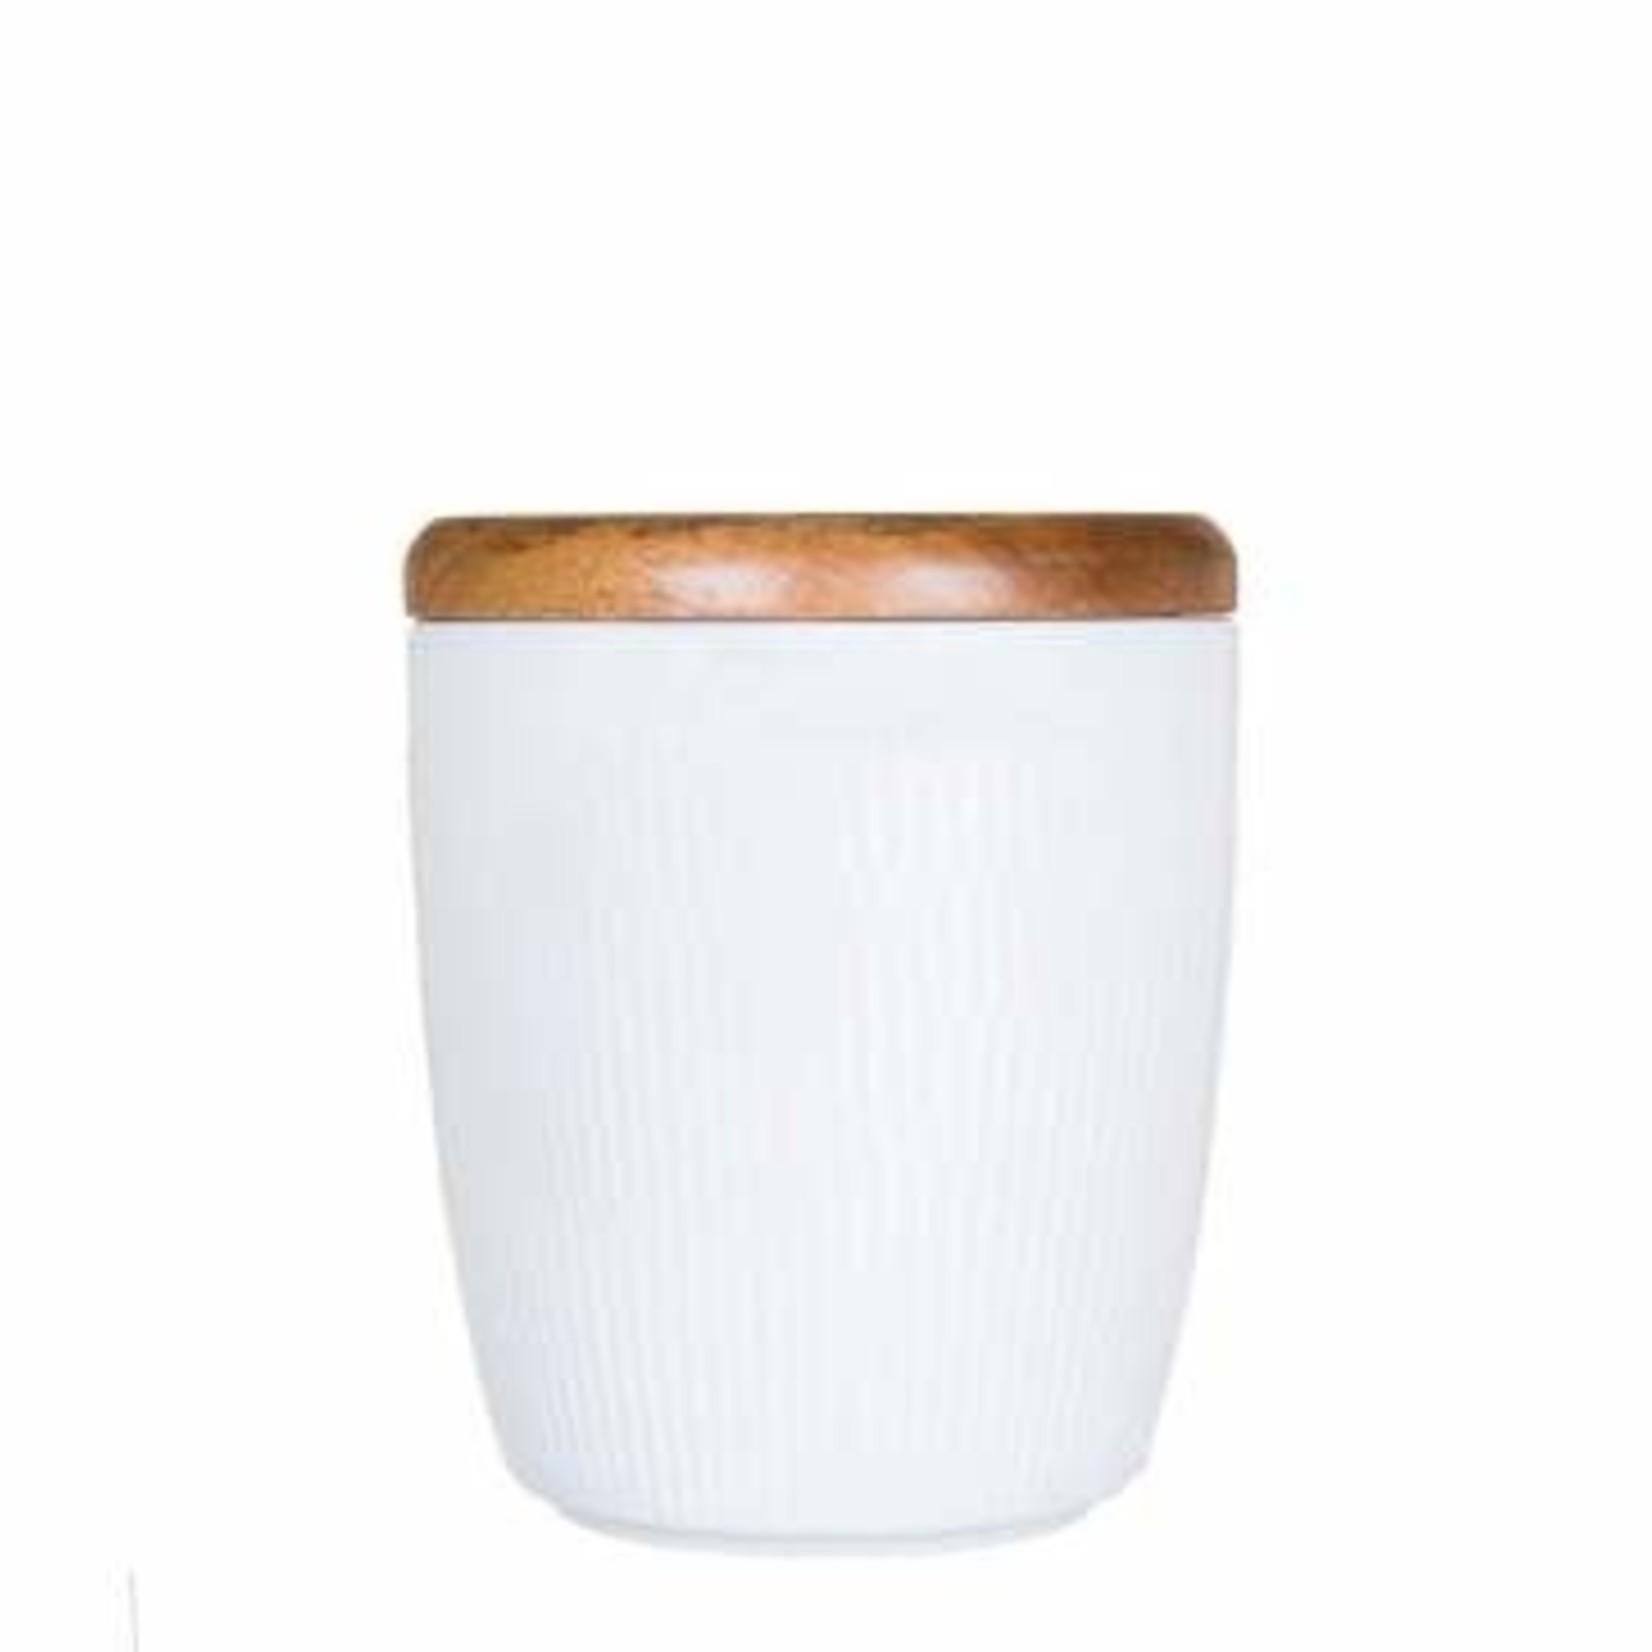 Porcelin Cannister (16 oz)